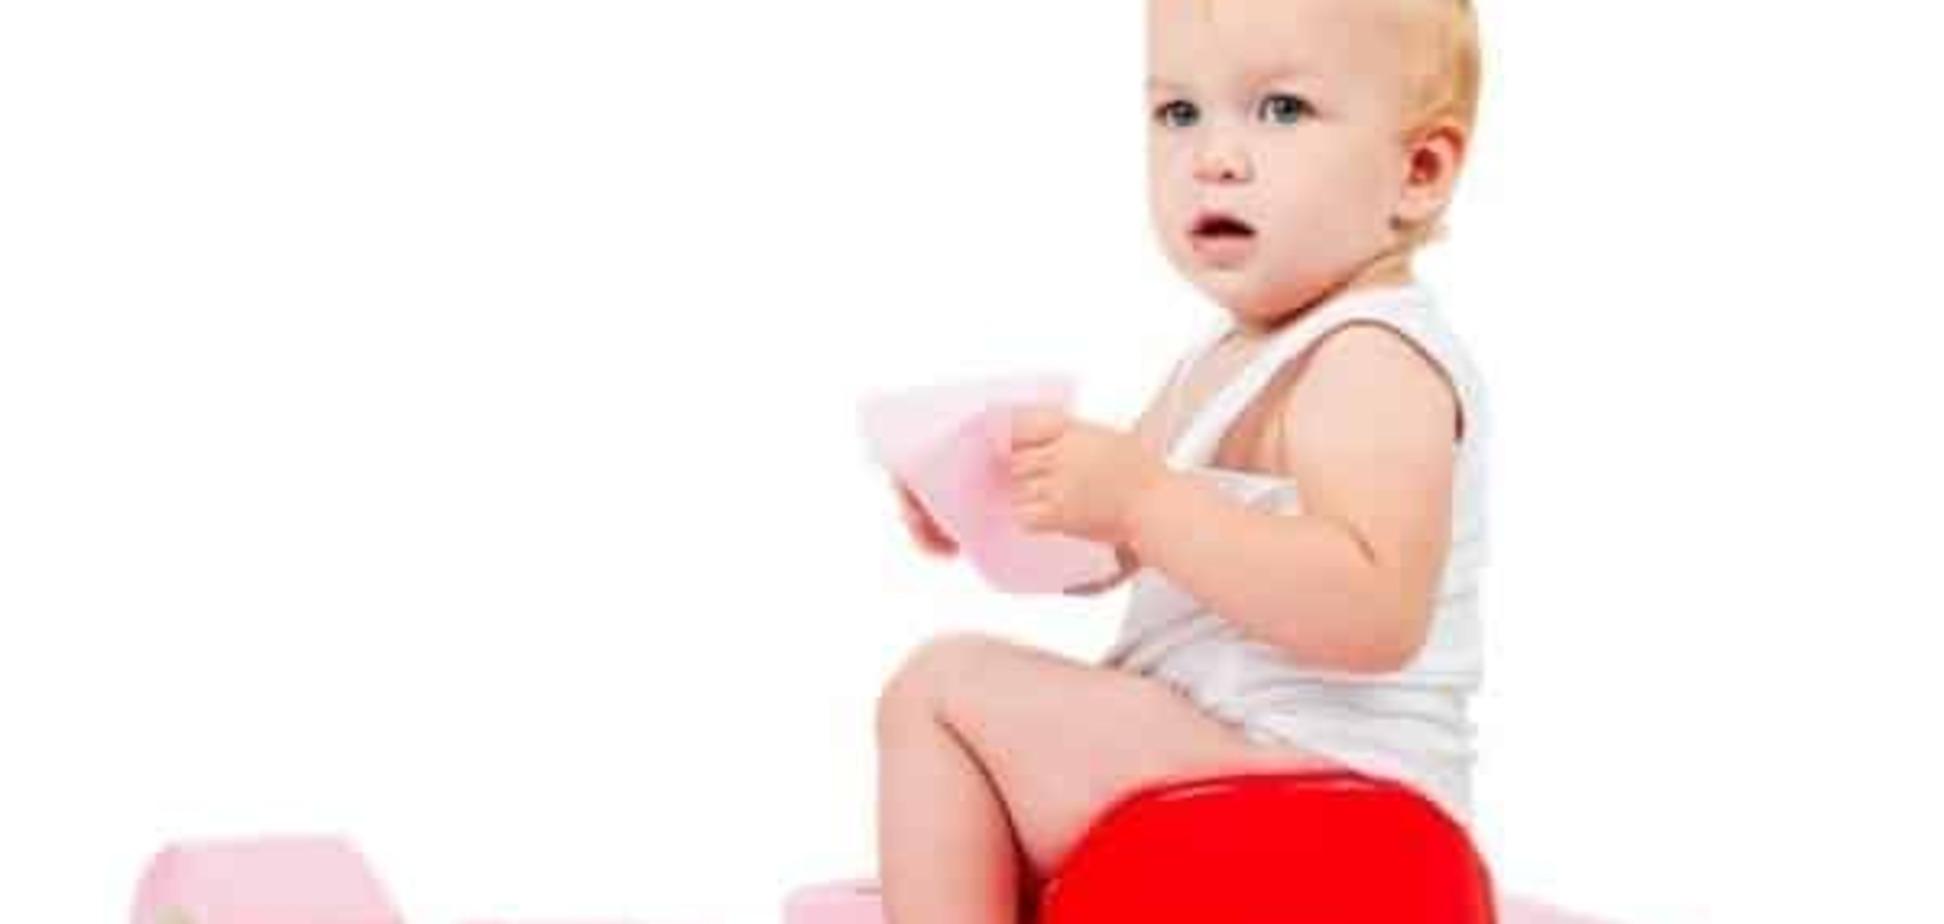 Дитина боїться какати чи психологічний запор у дитини